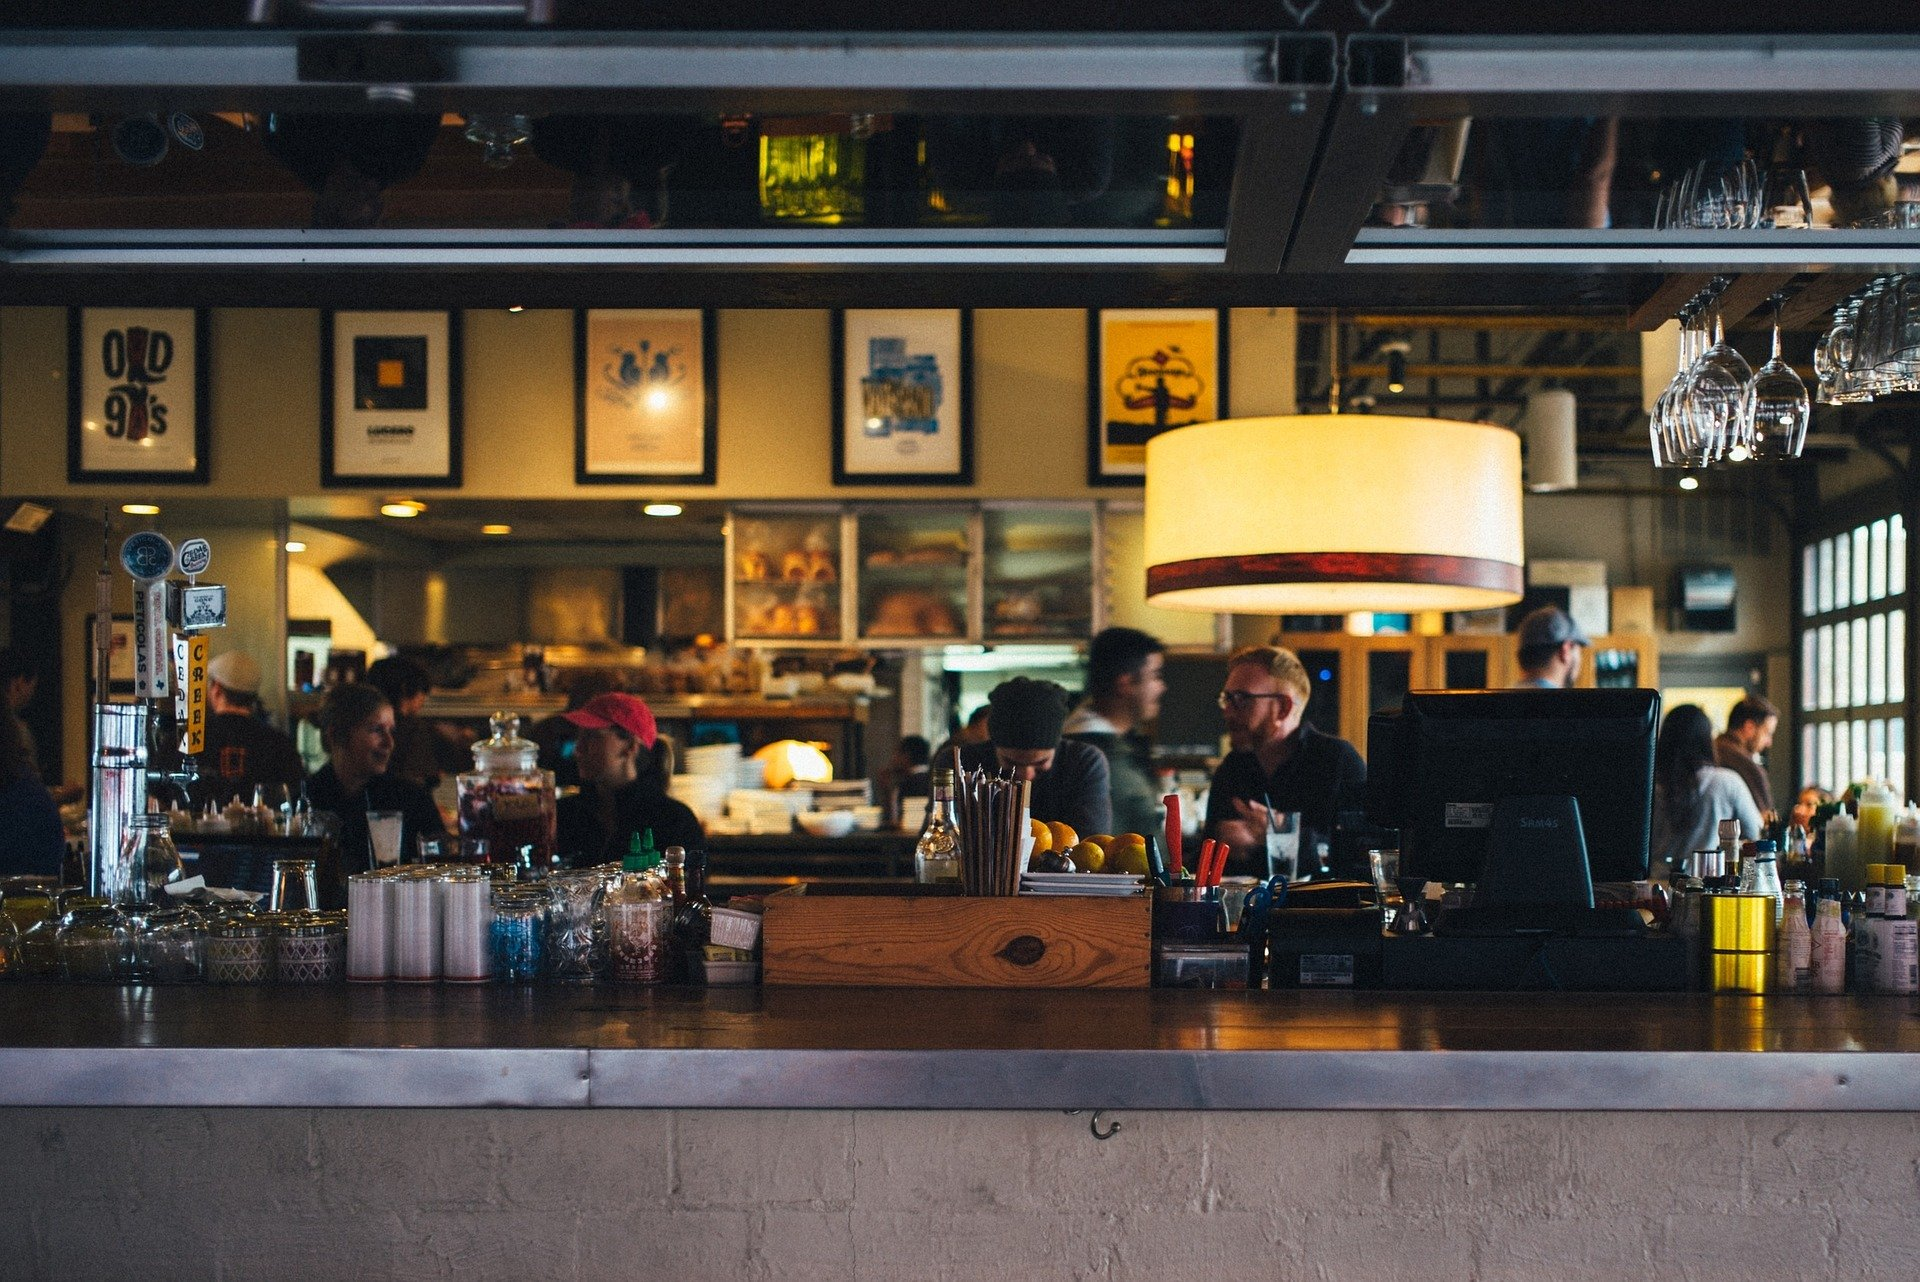 איך מנהלים מסעדה על מנת להרוויח